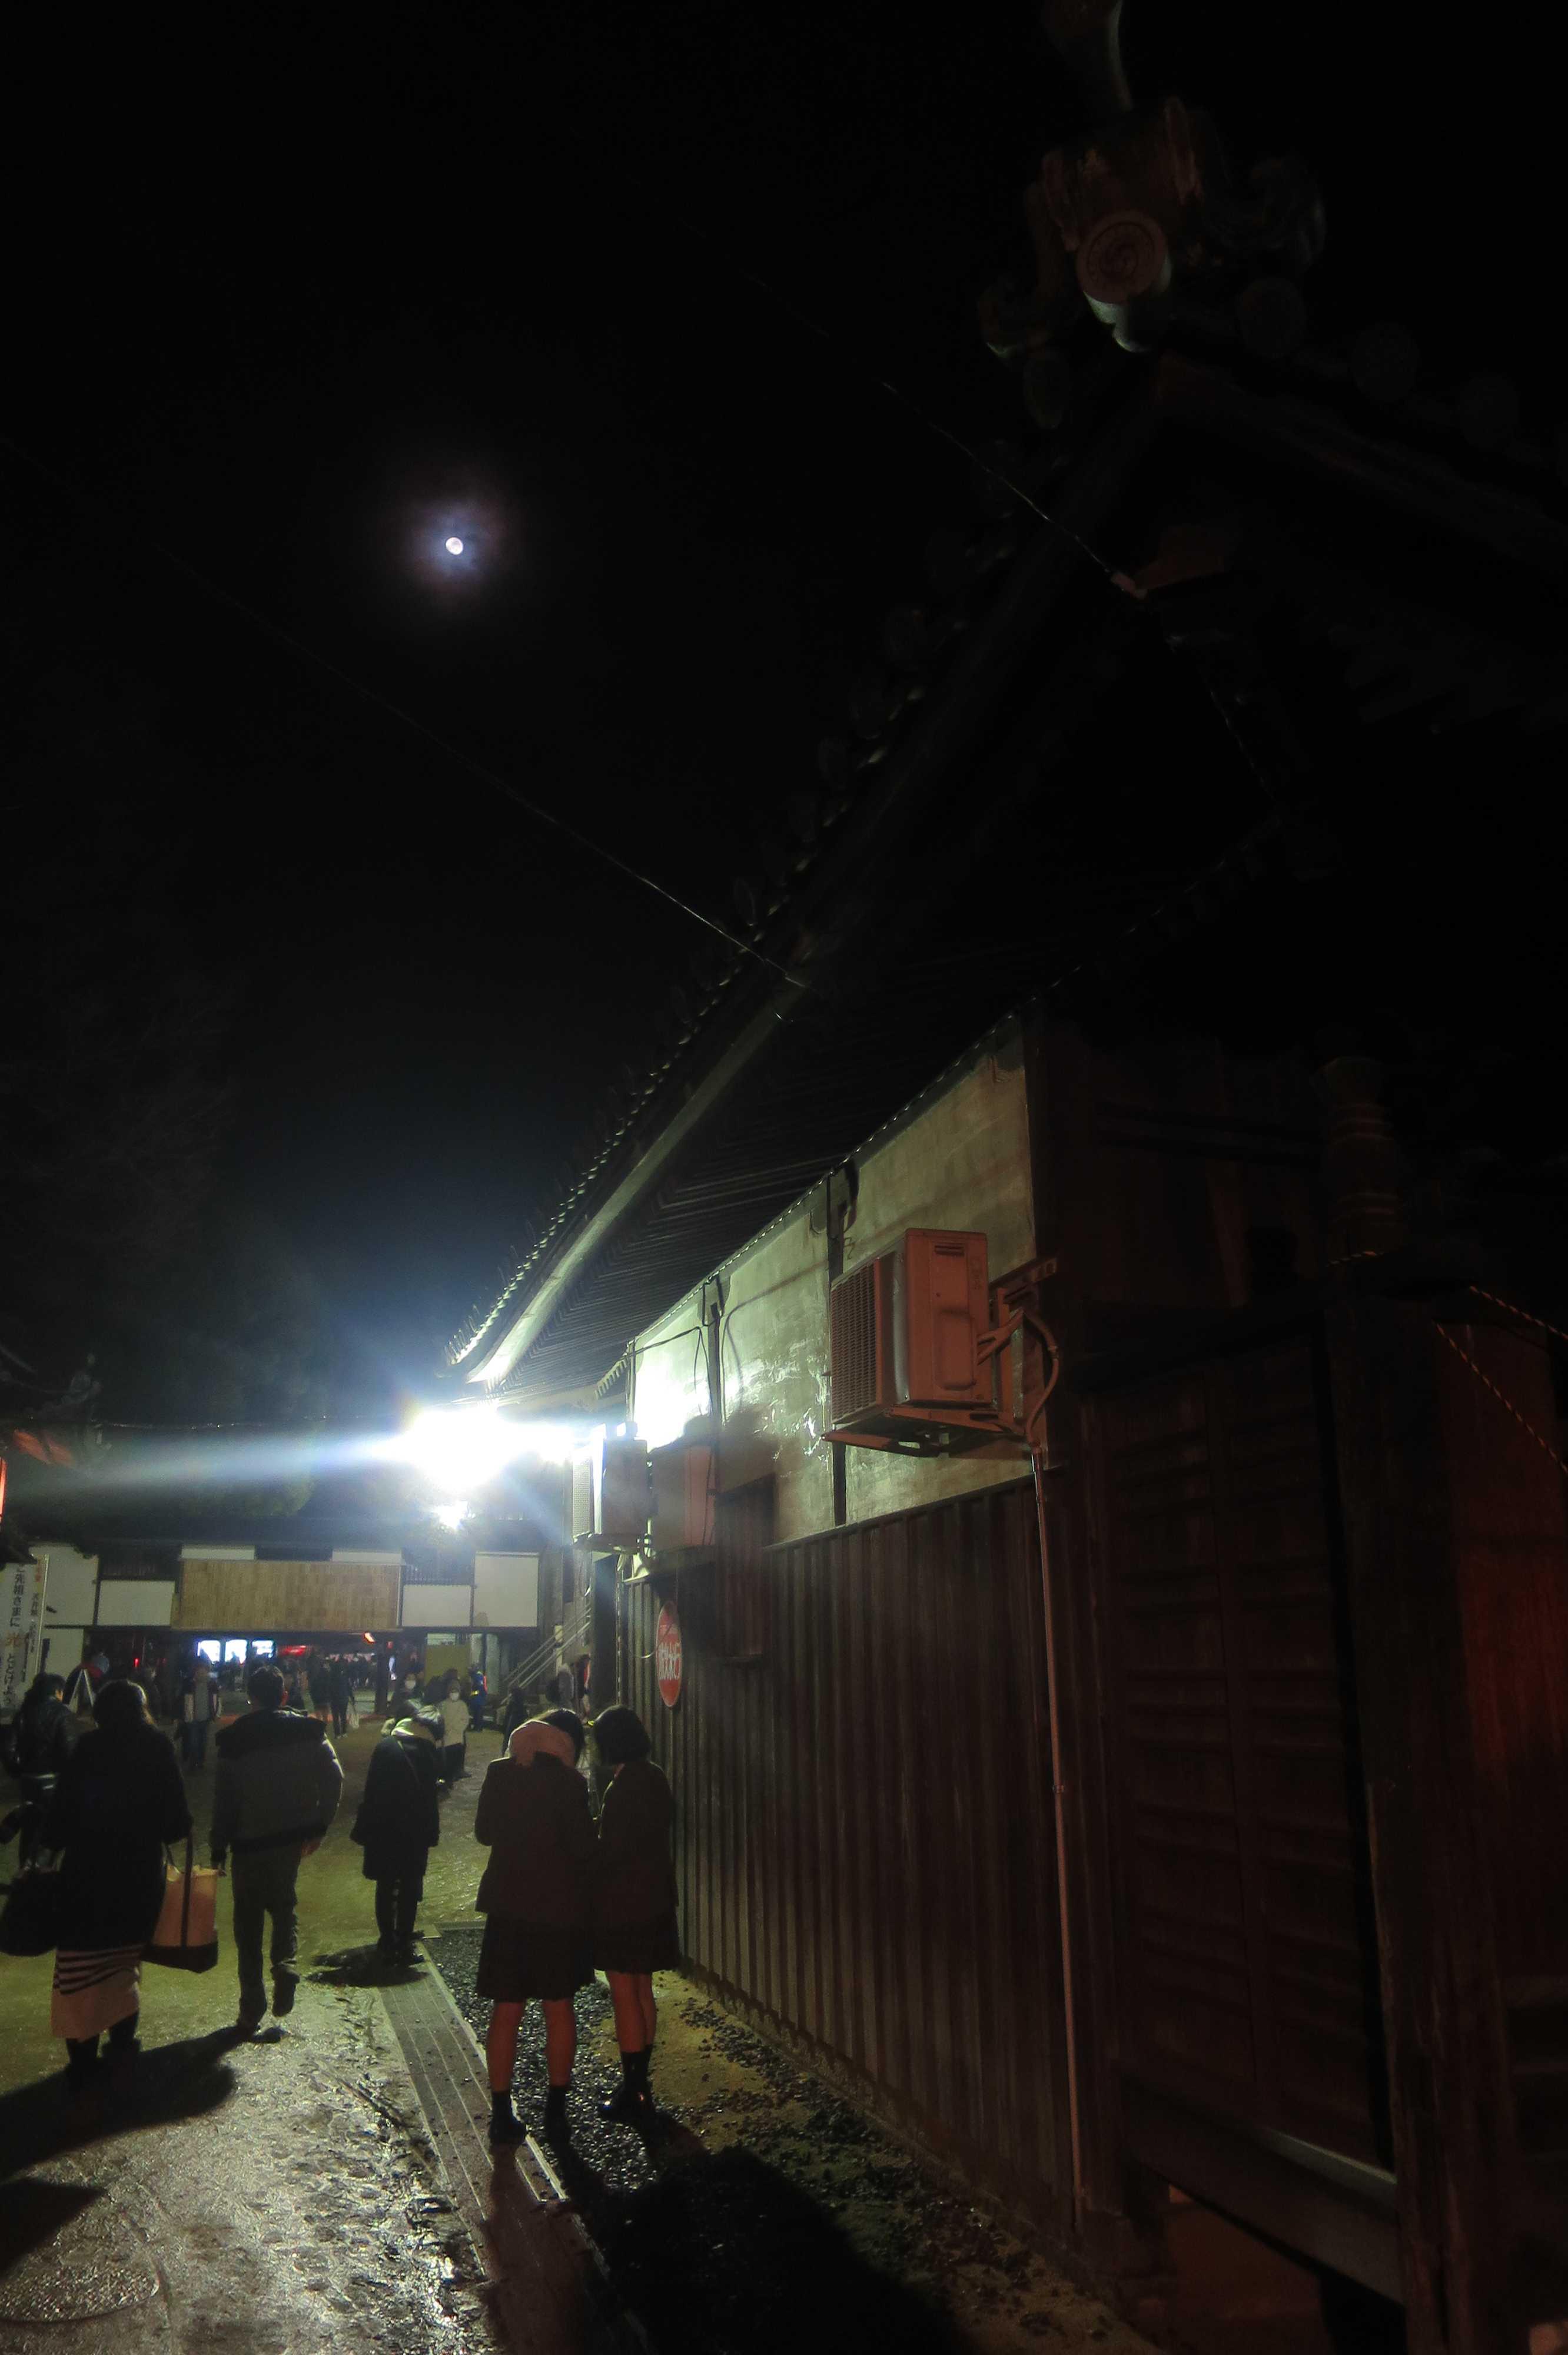 西大寺 - 月が照らす人間たちを